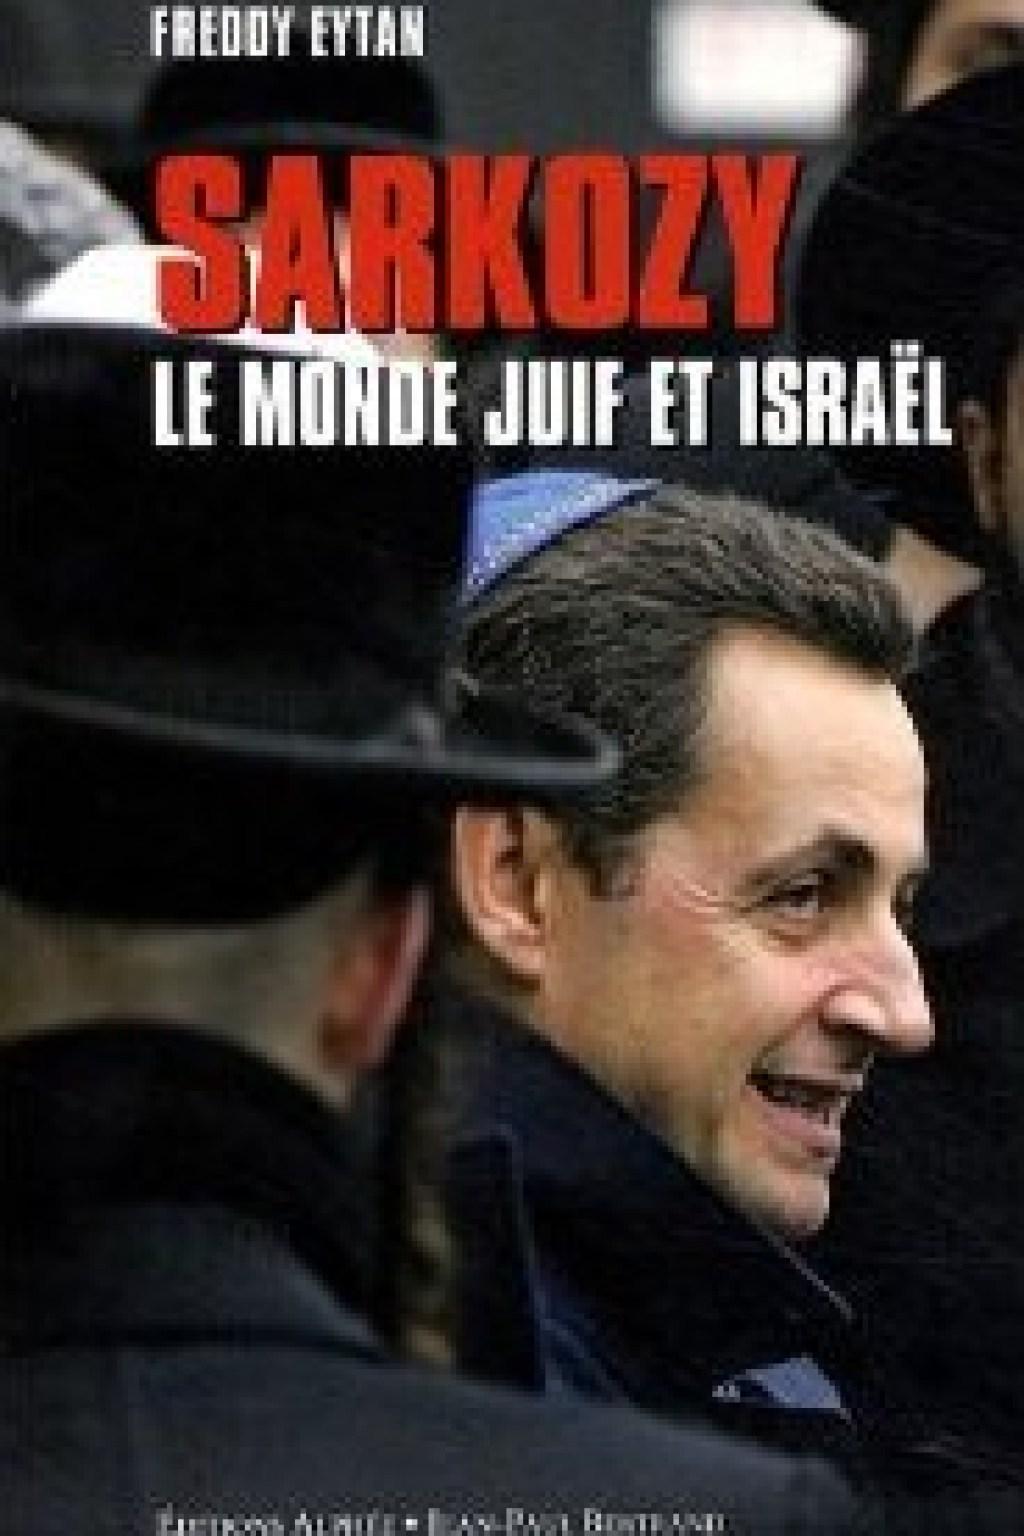 Sarkozy, Le monde juif et Israël